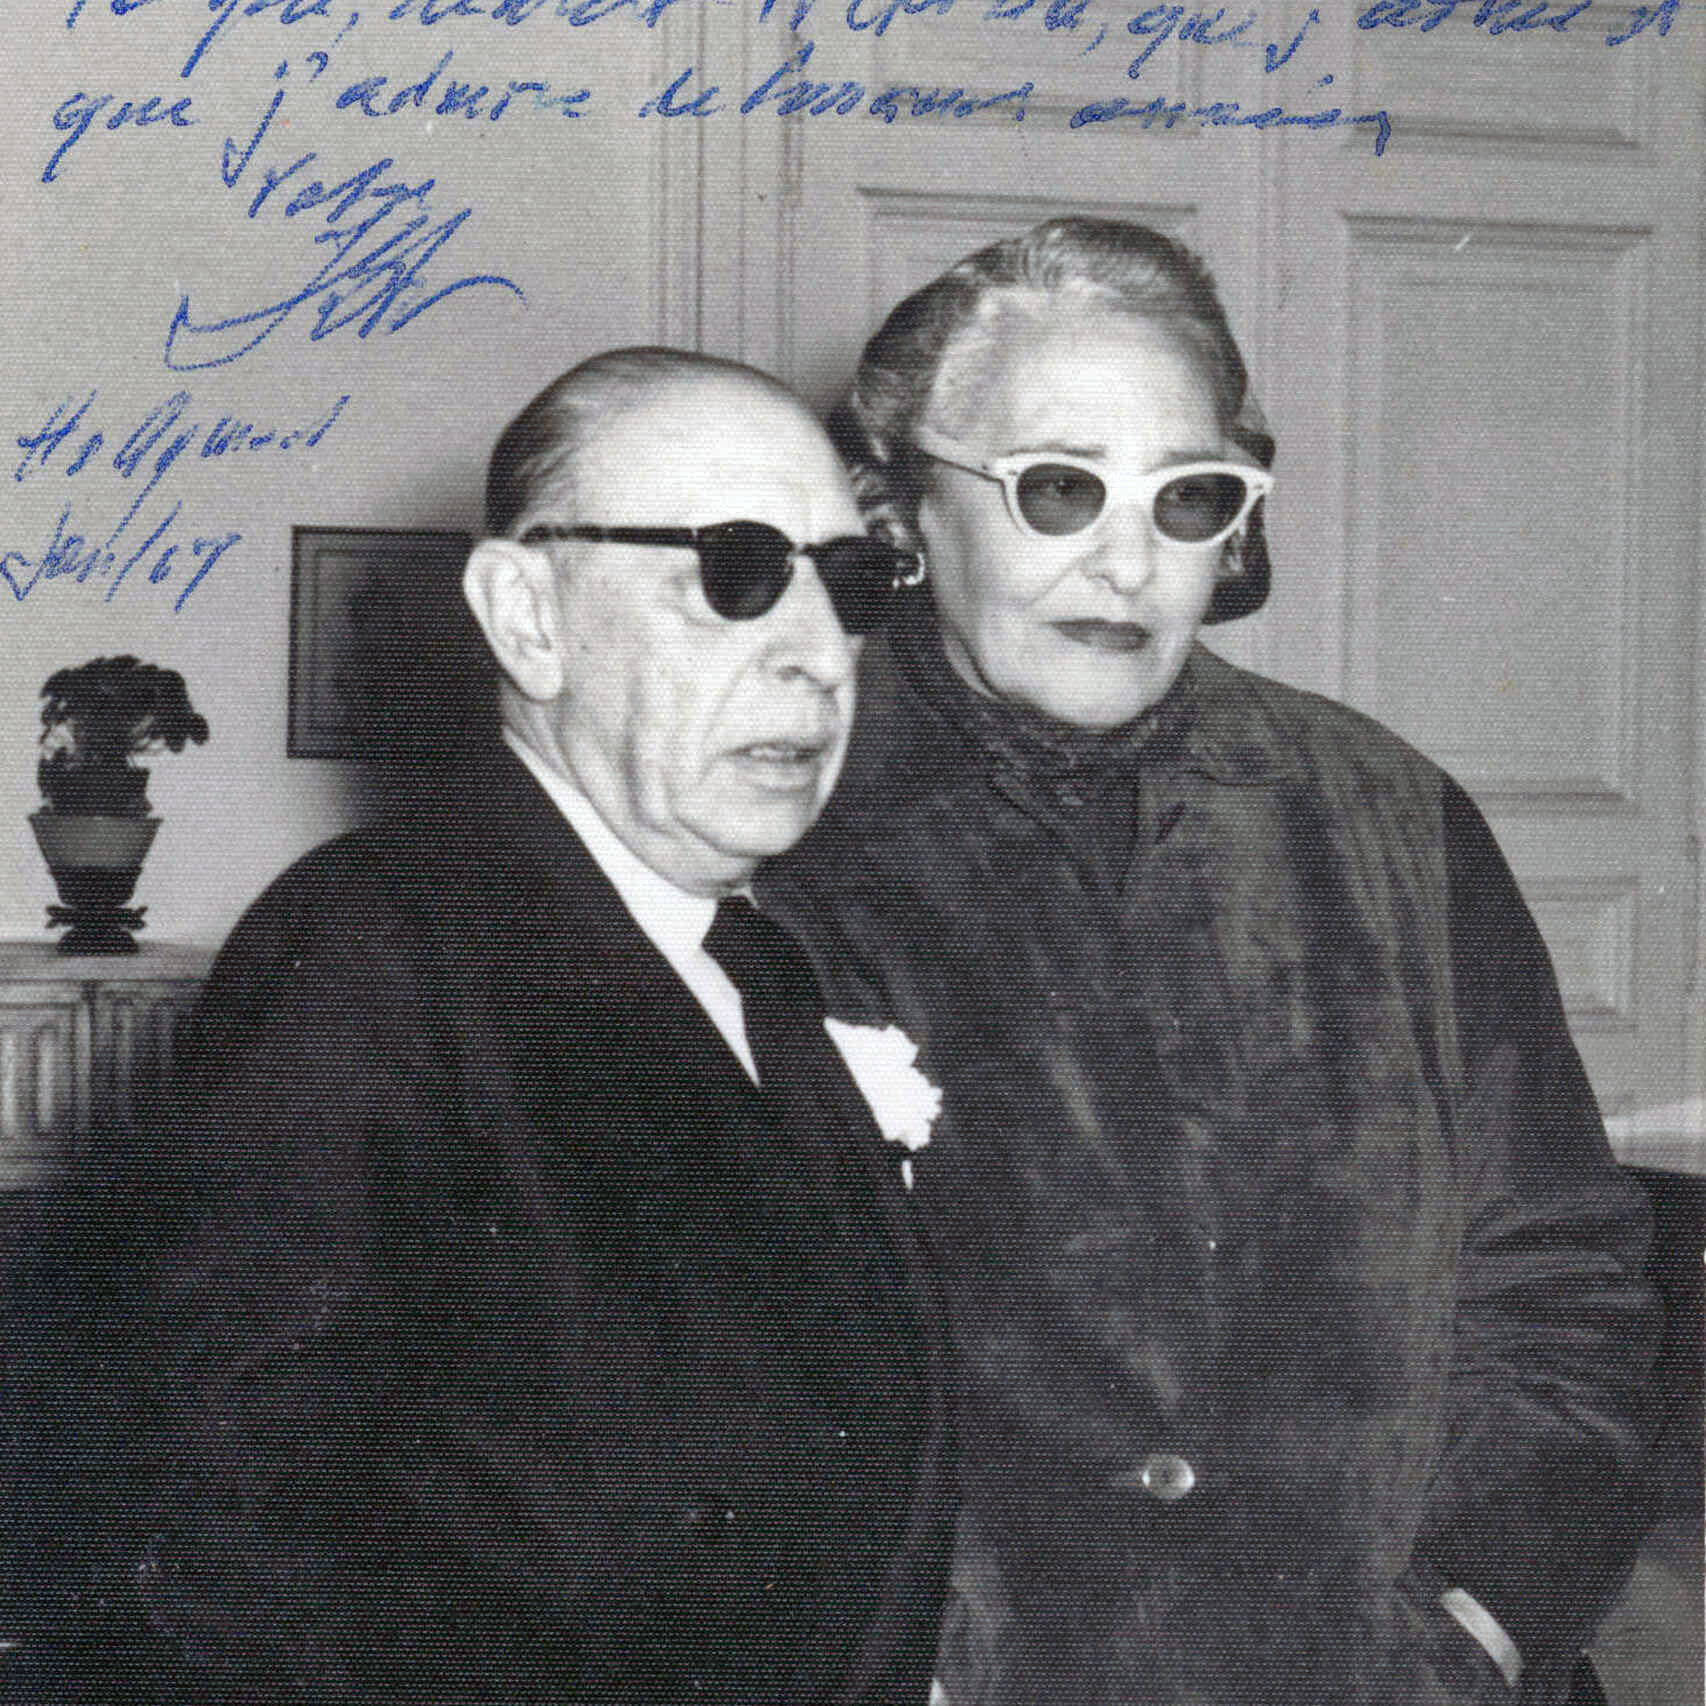 Victoria Ocampo y Stravinsky